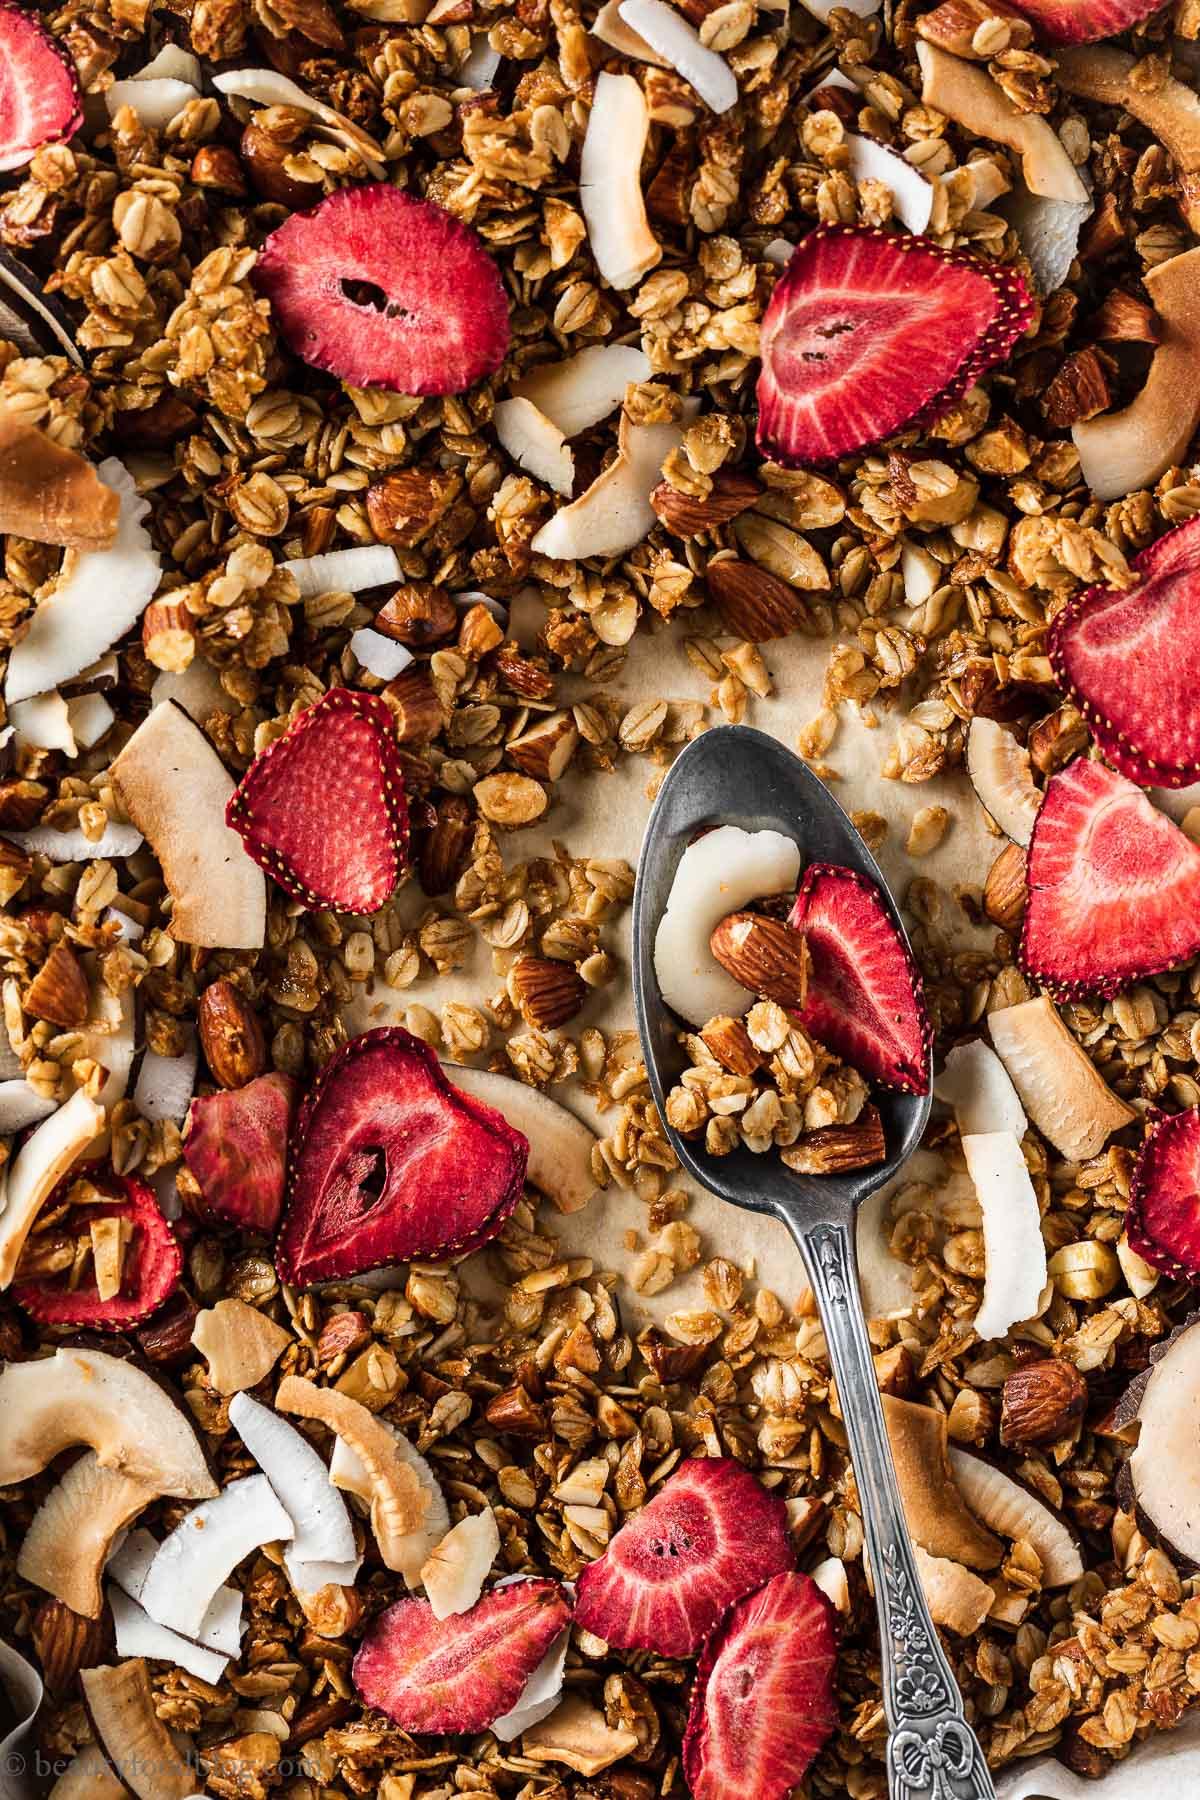 ricetta granola croccante cocco e fragole senza glutine CRUNCHY VEGAN COCONUT STRAWBERRY GRANOLA GLUTEN-FREE recipe